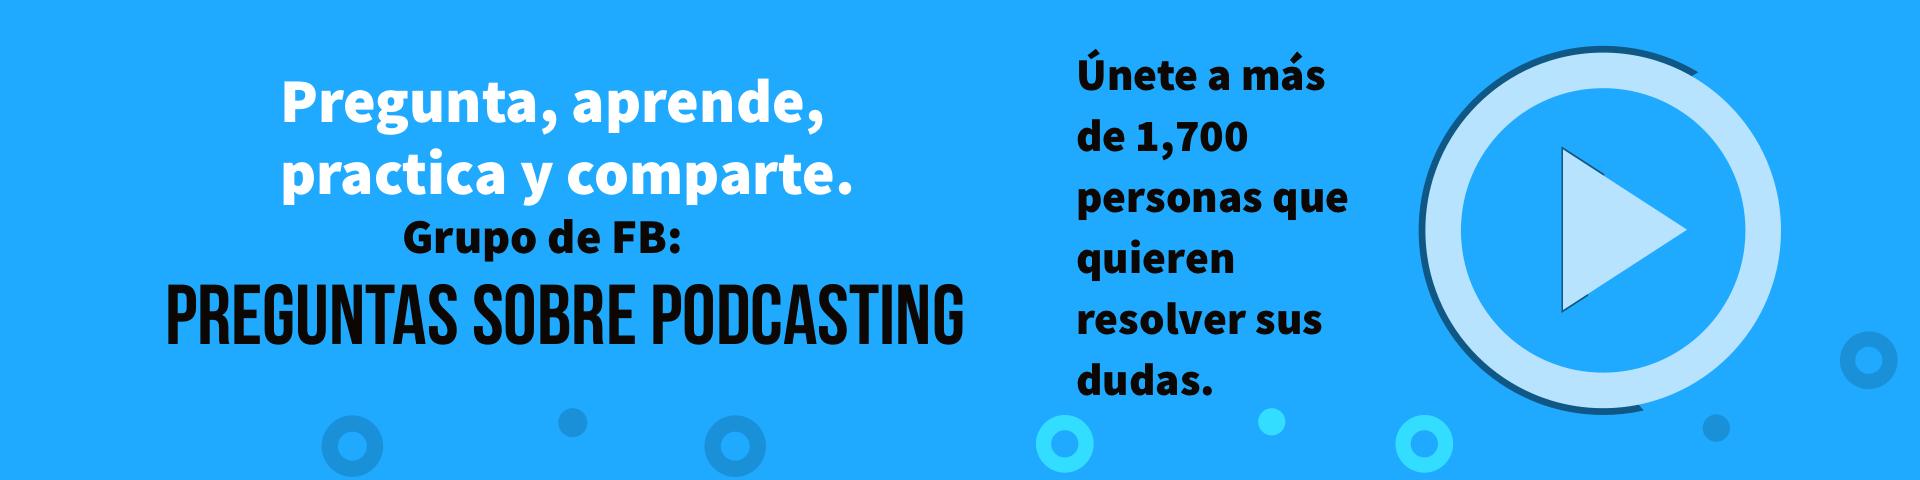 Grupo preguntas sobre podcasting